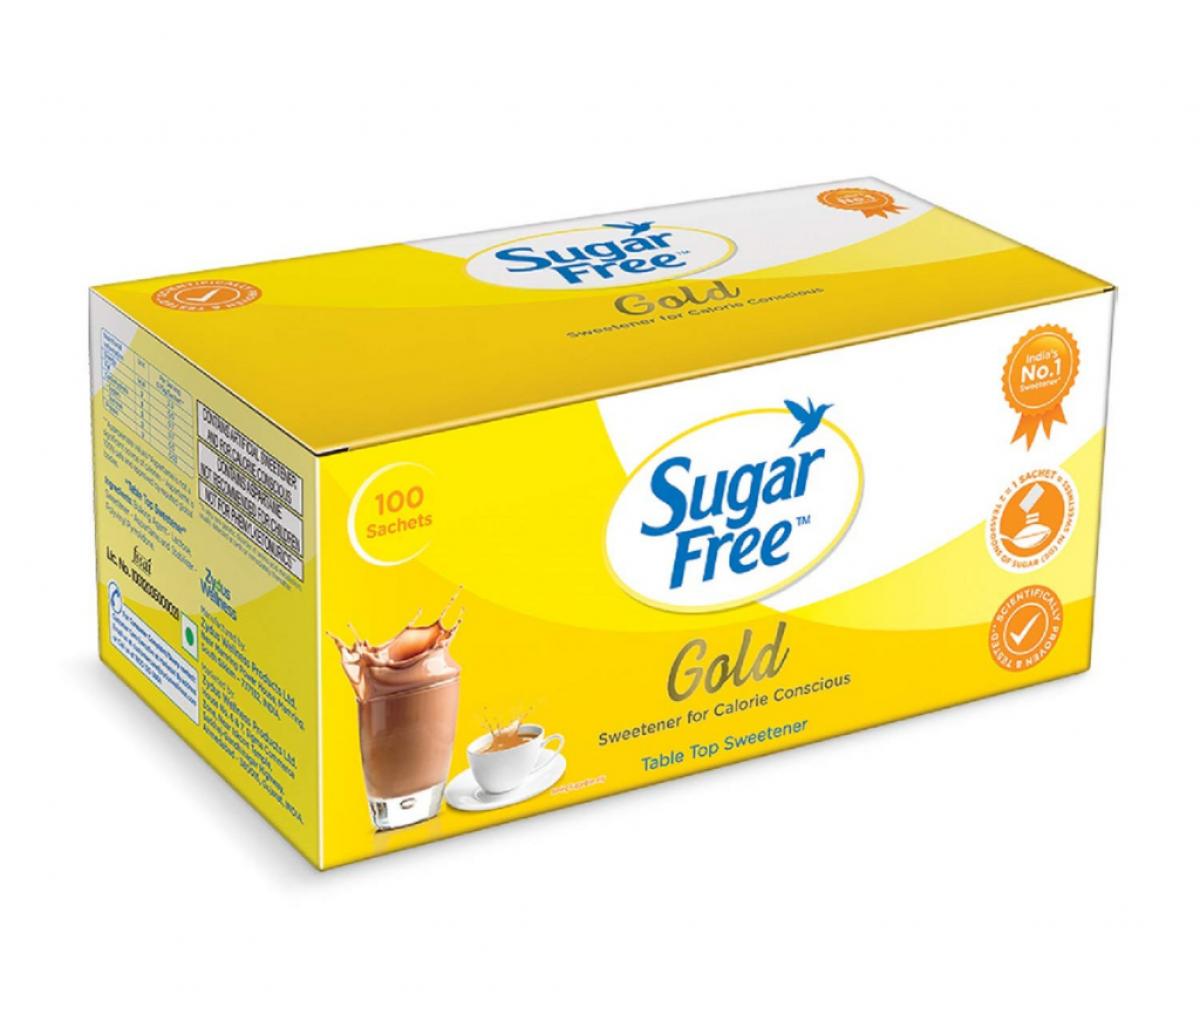 Sugarfree Gold Sweetener Sachets 100g